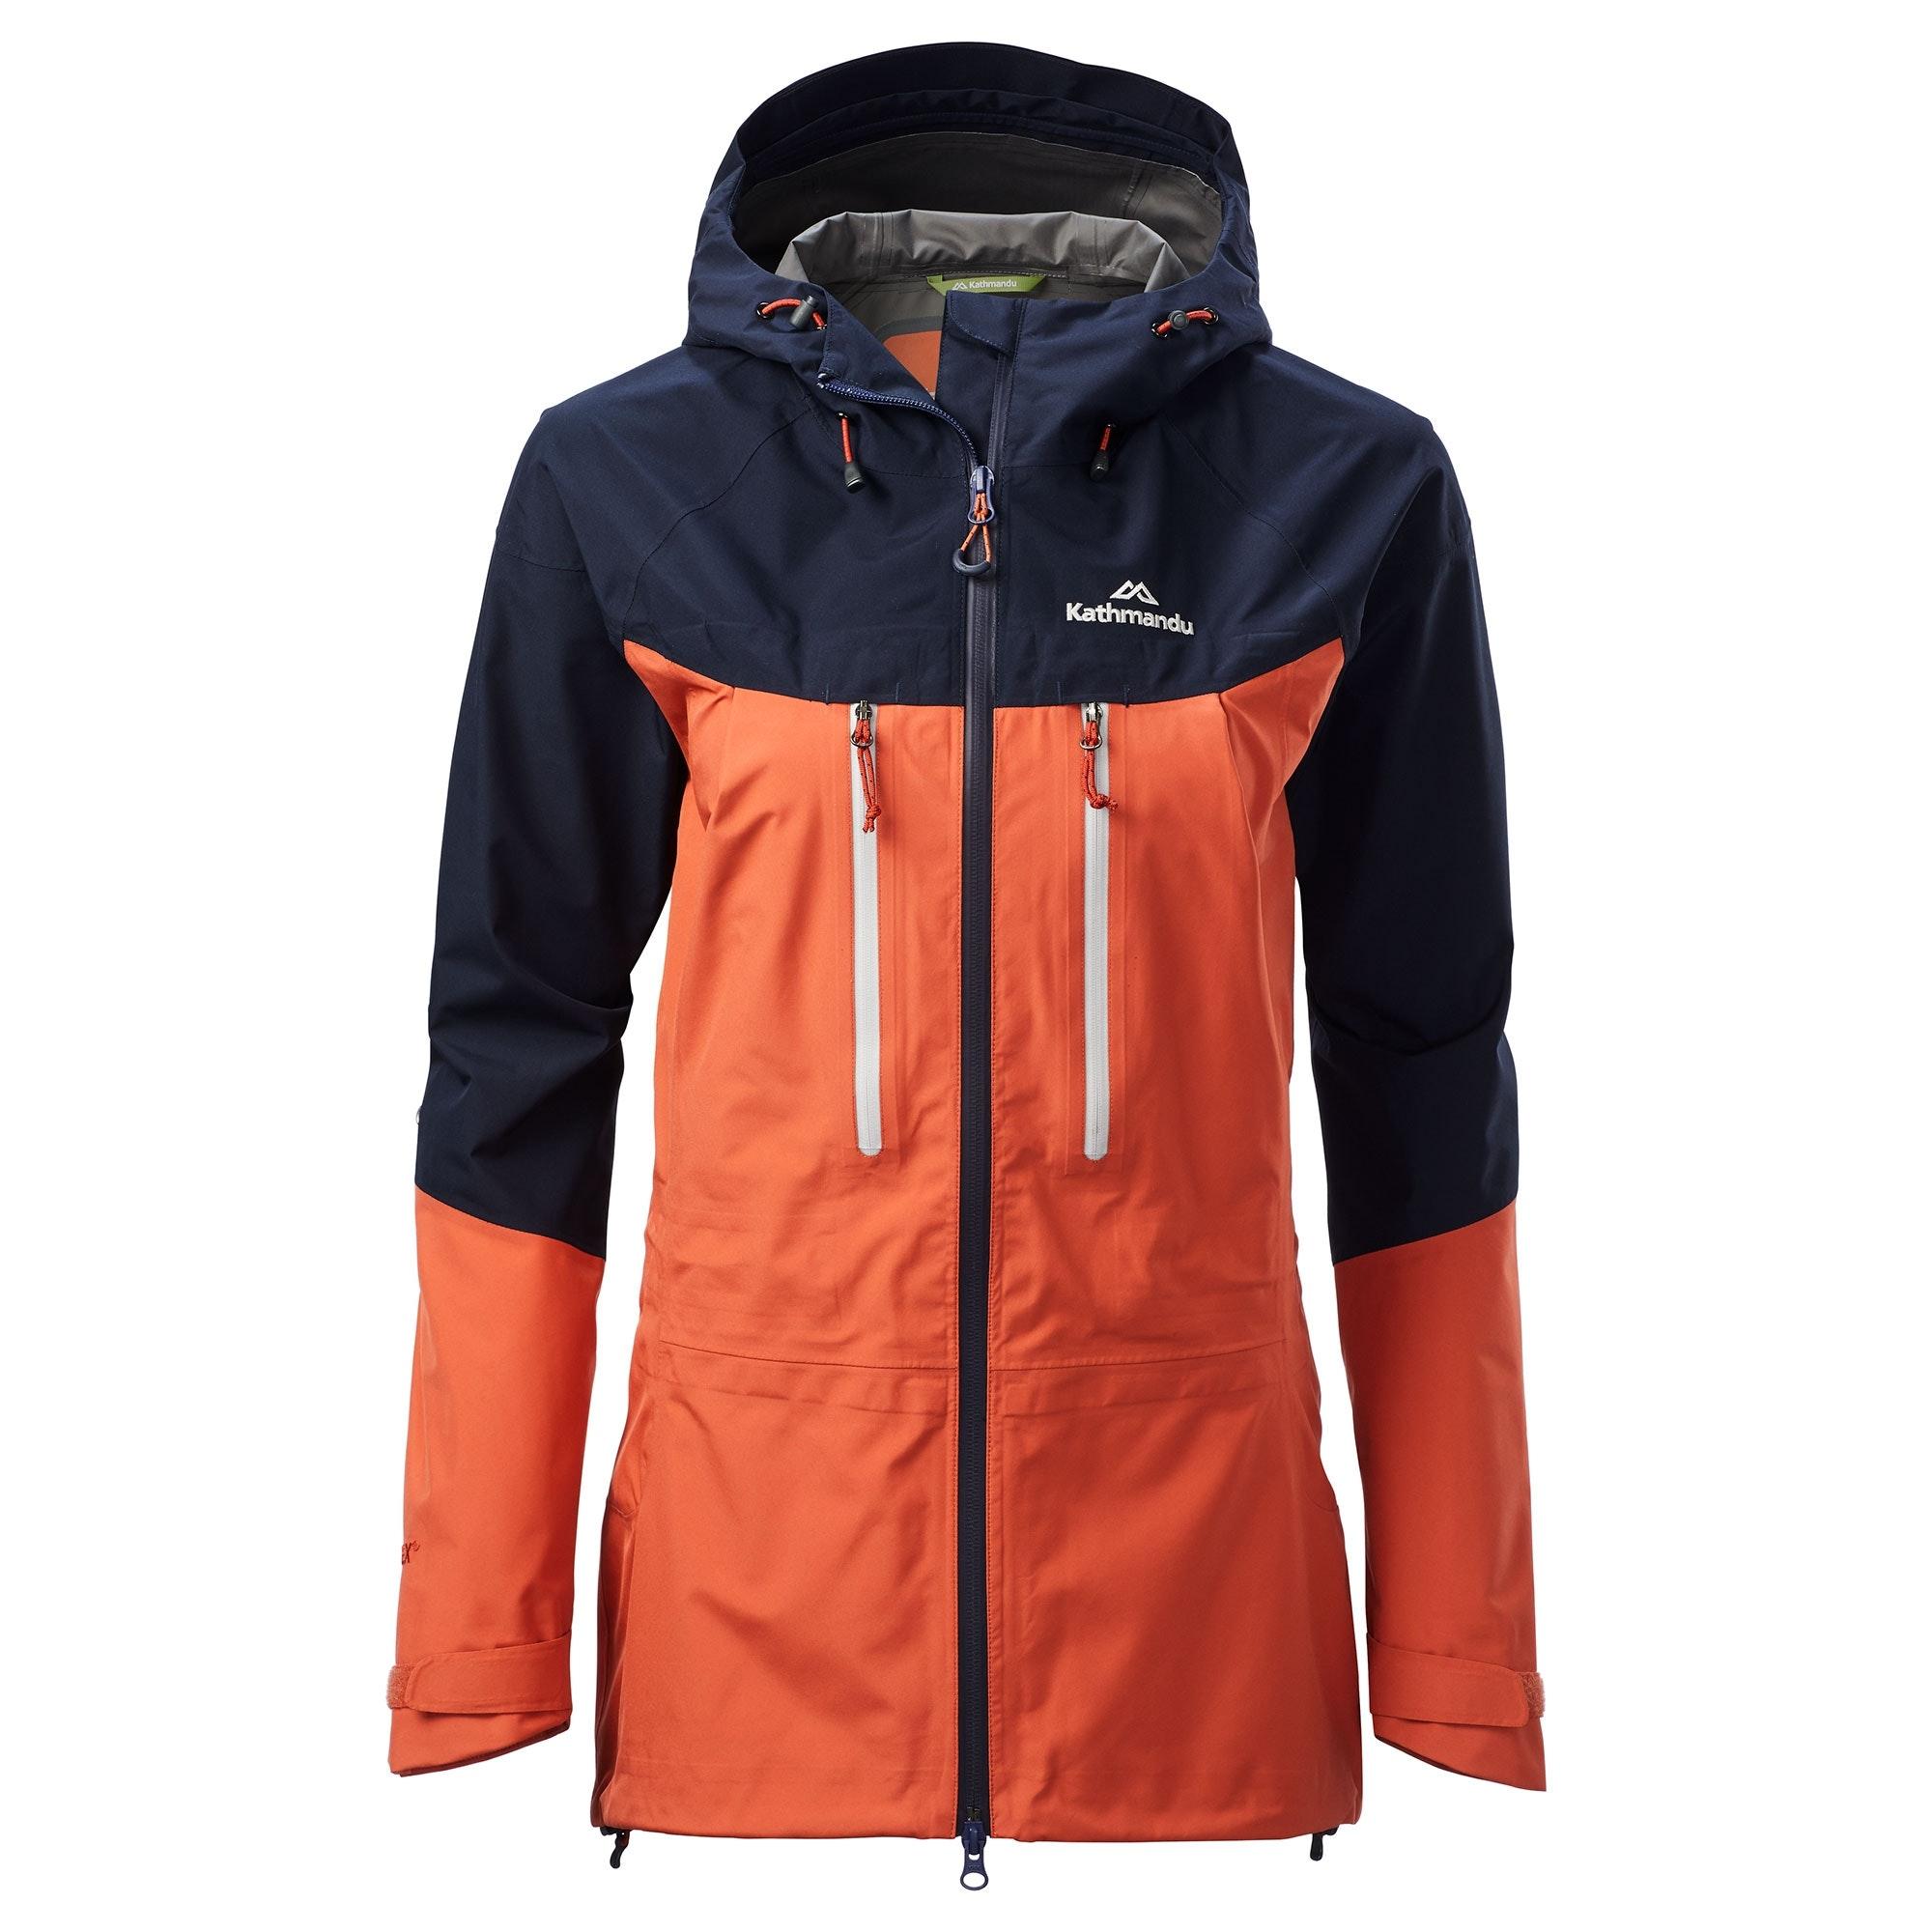 NEW Kathmandu Aysen Women/'s GORE-TEX Jacket